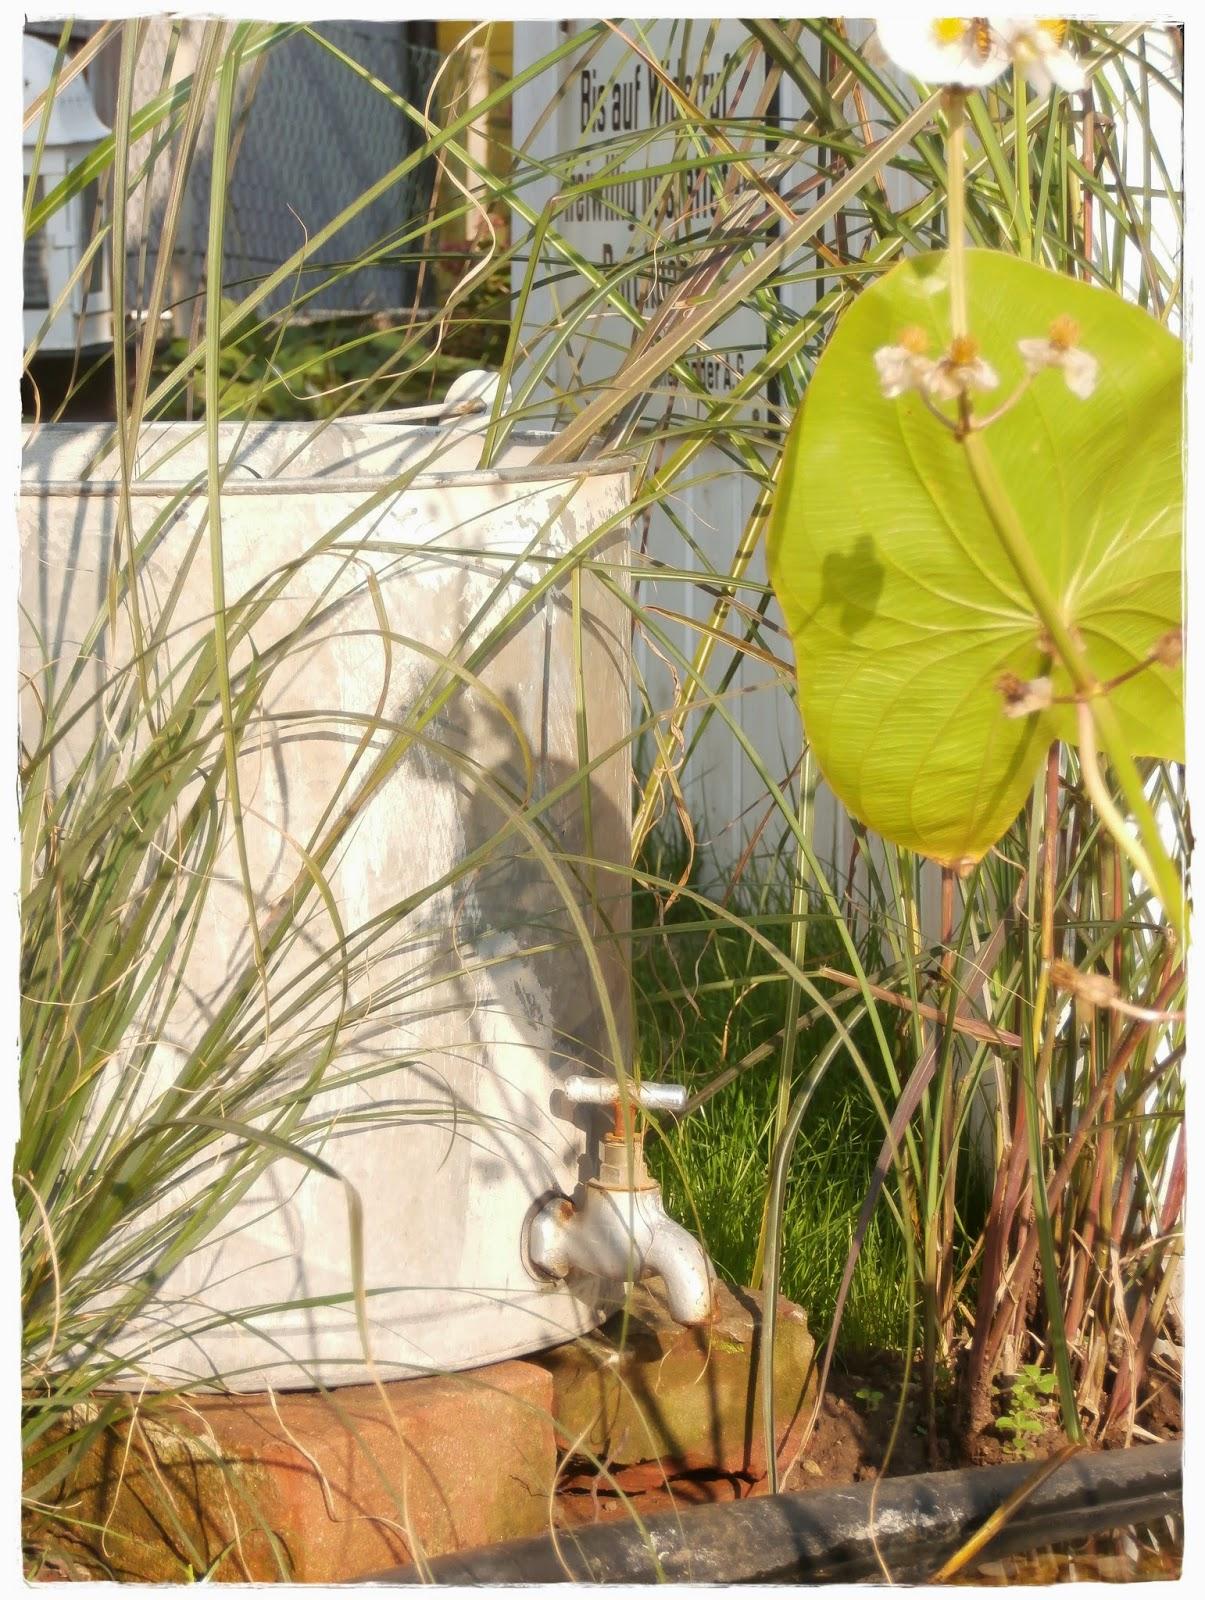 Gut Fensterrahmen Streichen In Blau: Badezimmer blau jtleigh.com  TR85